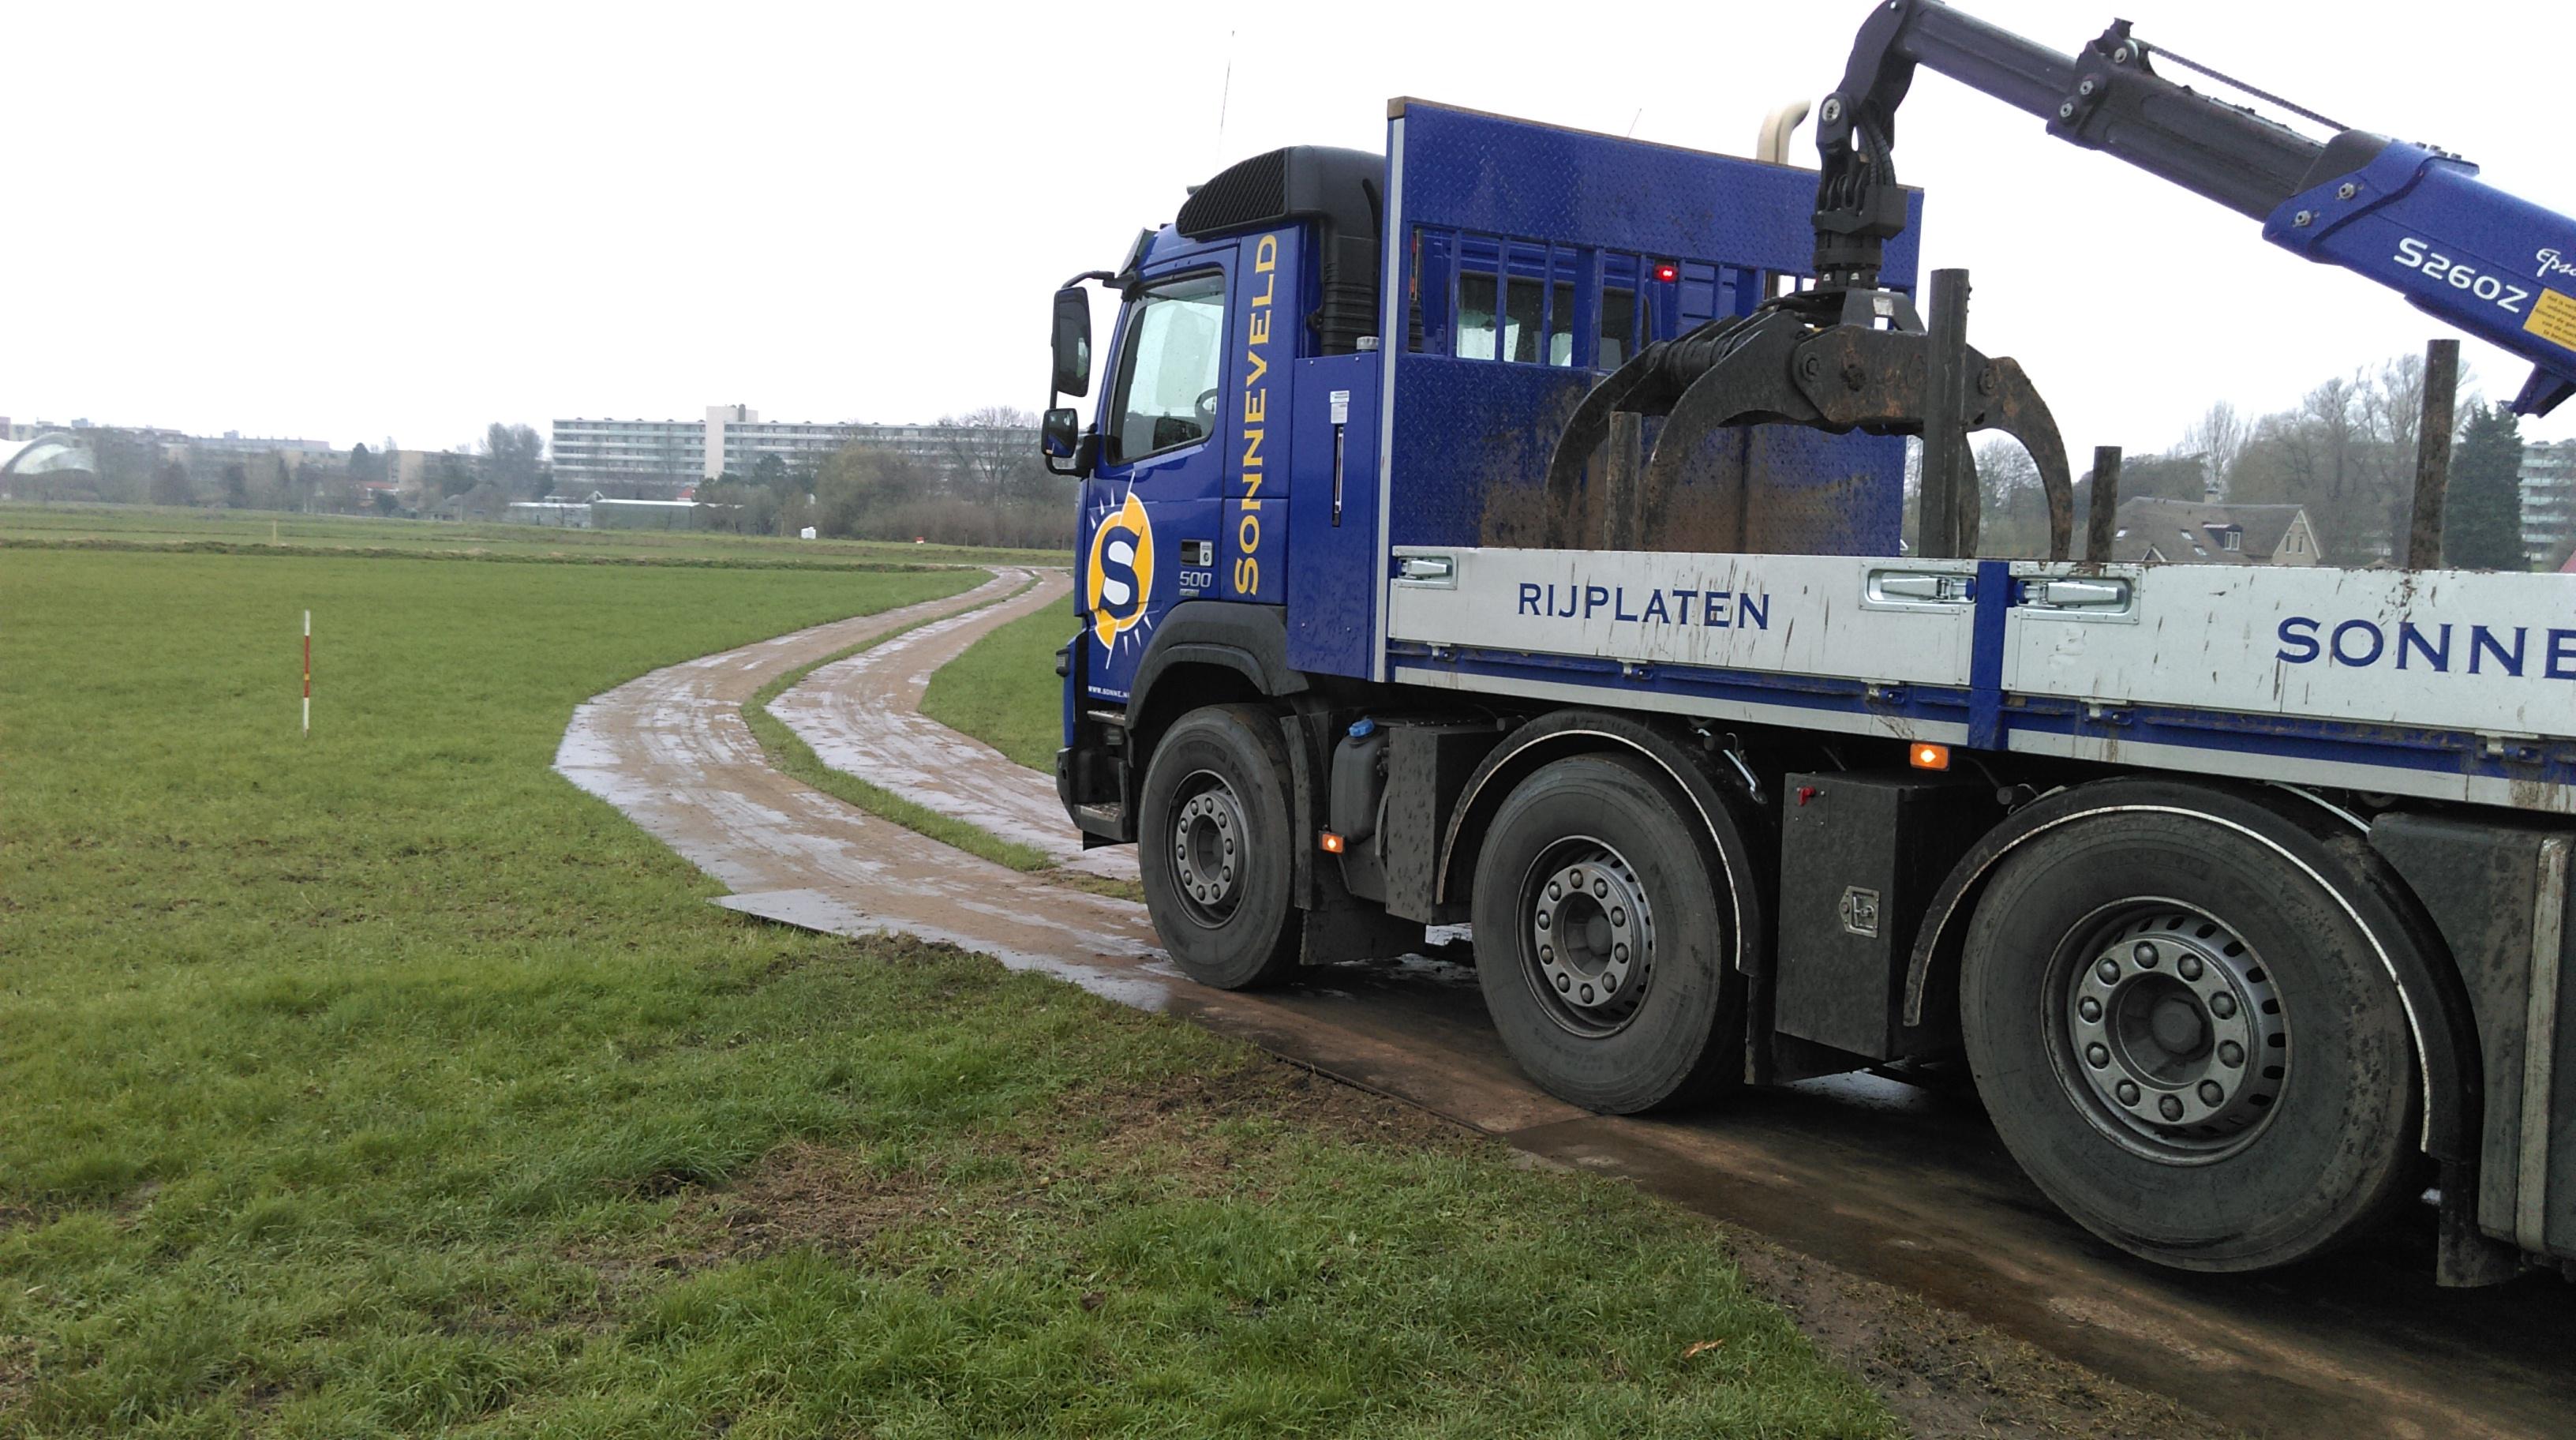 (c) Sonneveld-rijplaten.nl